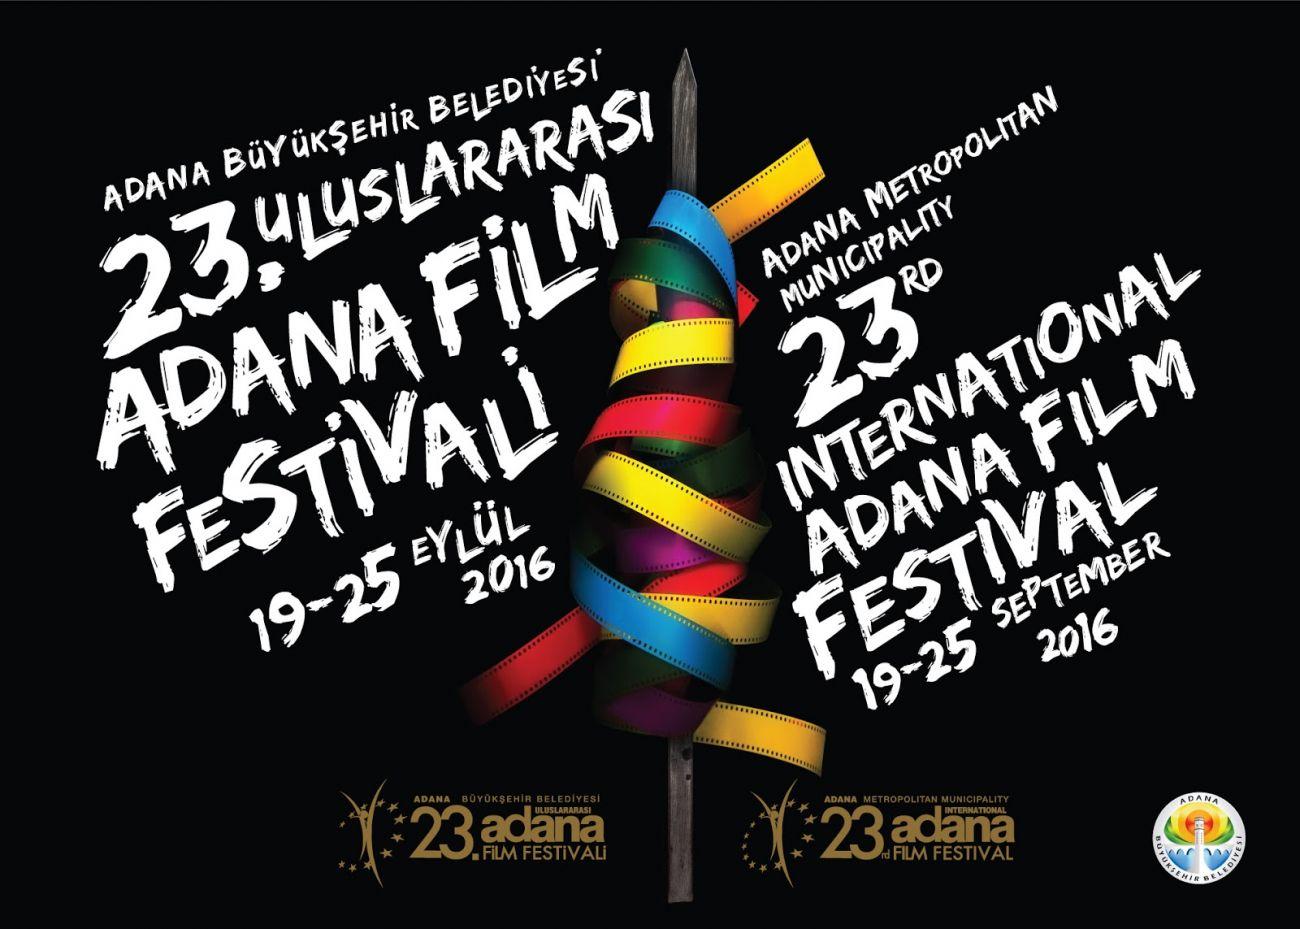 adana-festival-poster_yatay_kh